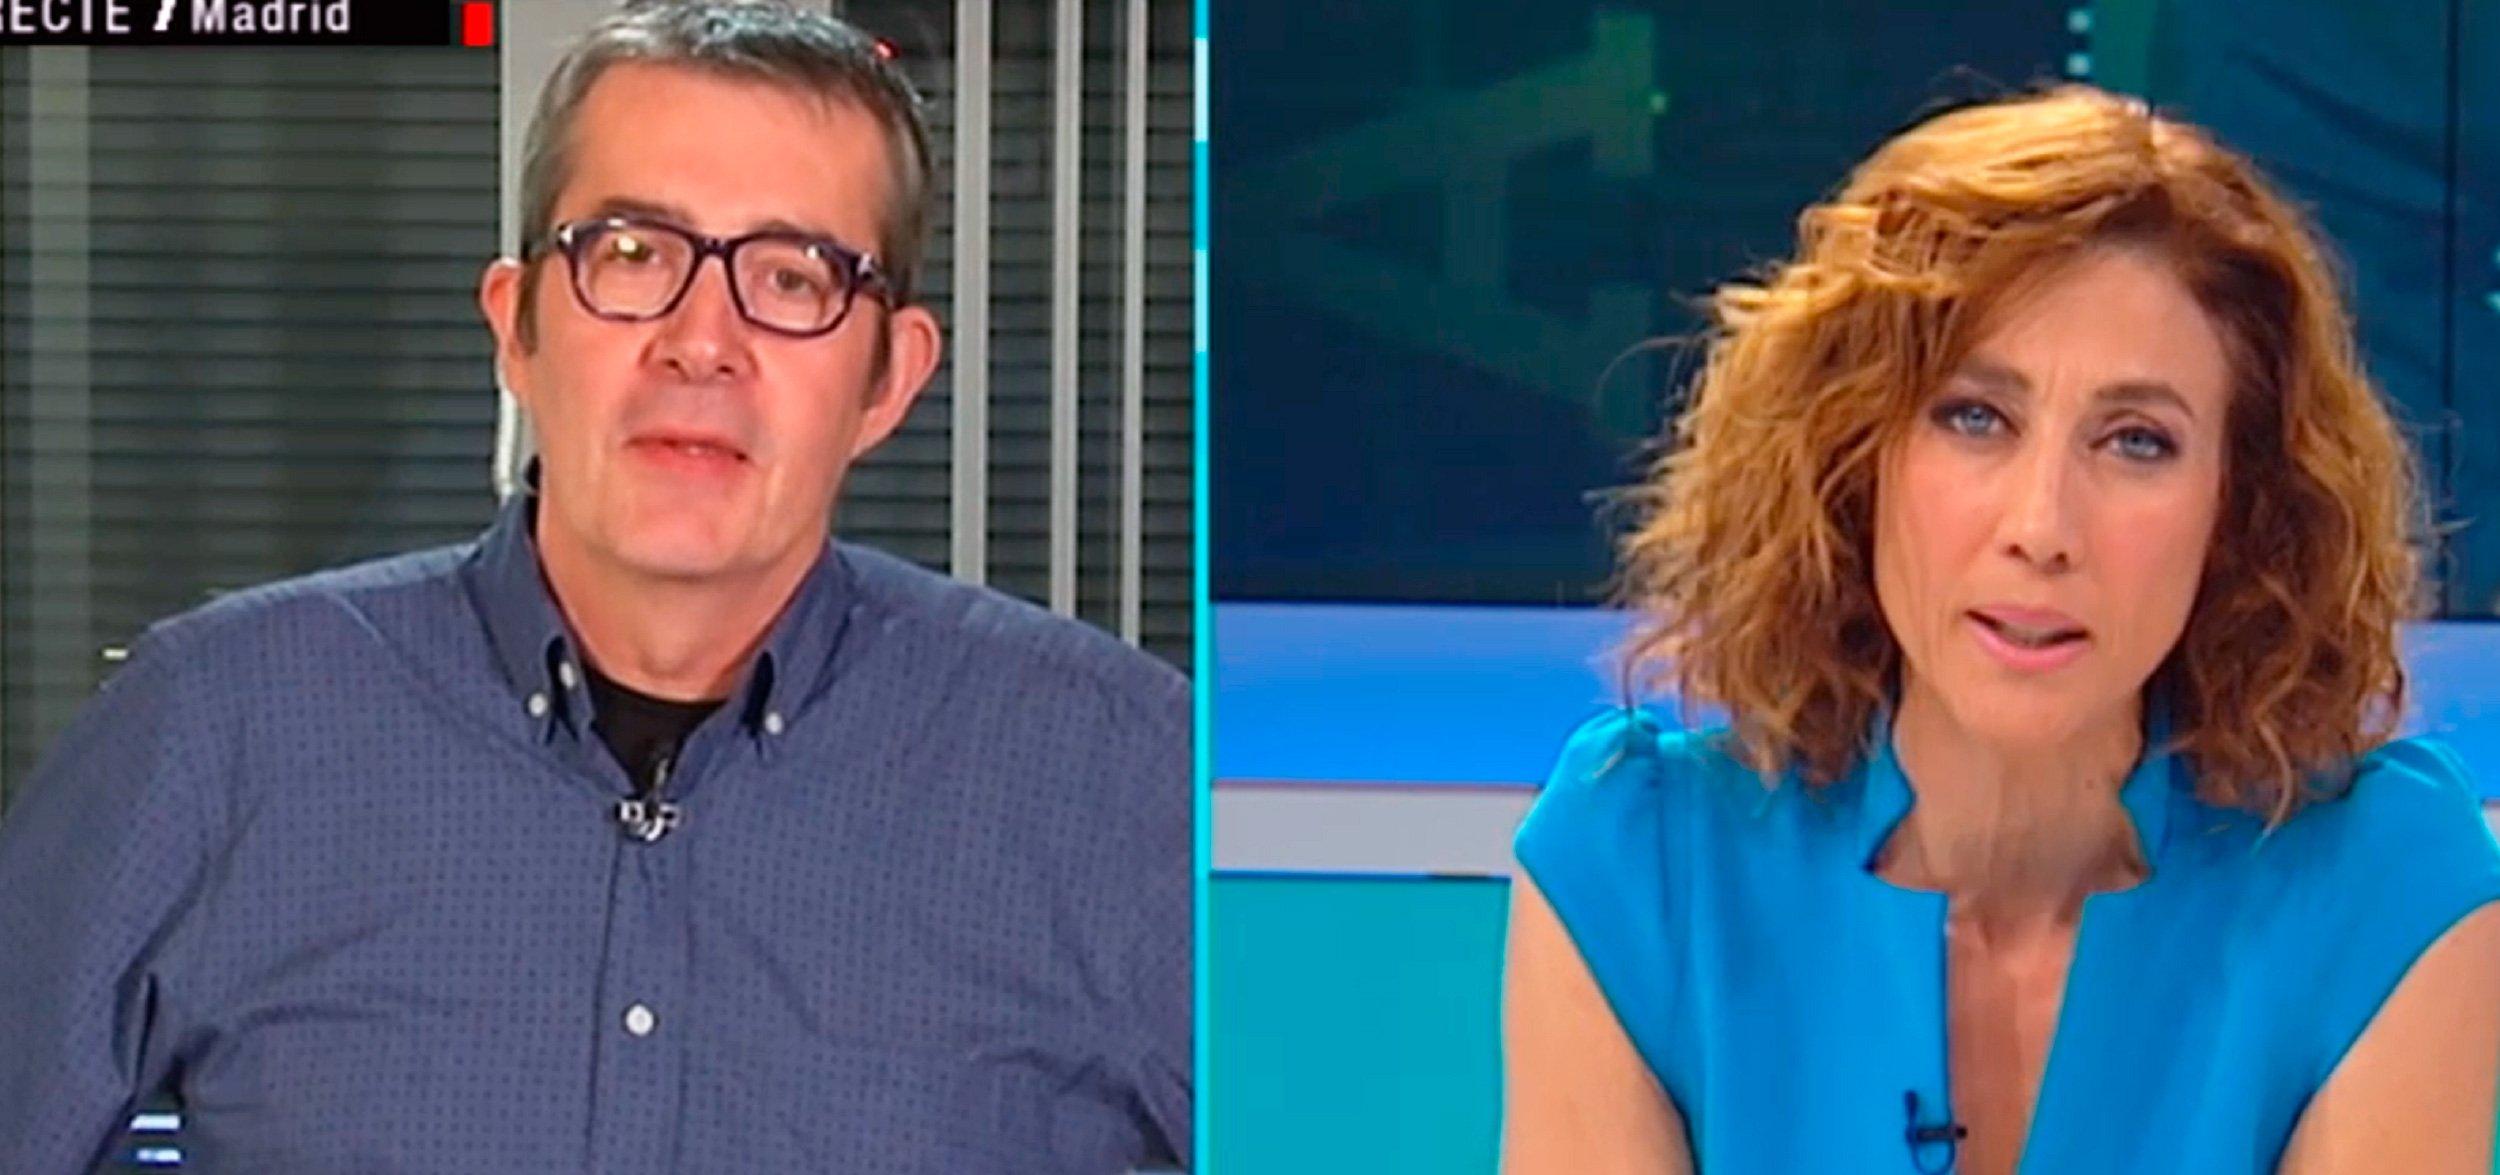 """Máximo Pradera despelleja a Màxim Huerta desde TV3: """"Es una petarda, le gusta el oropel vacuo y la copita de champán"""""""